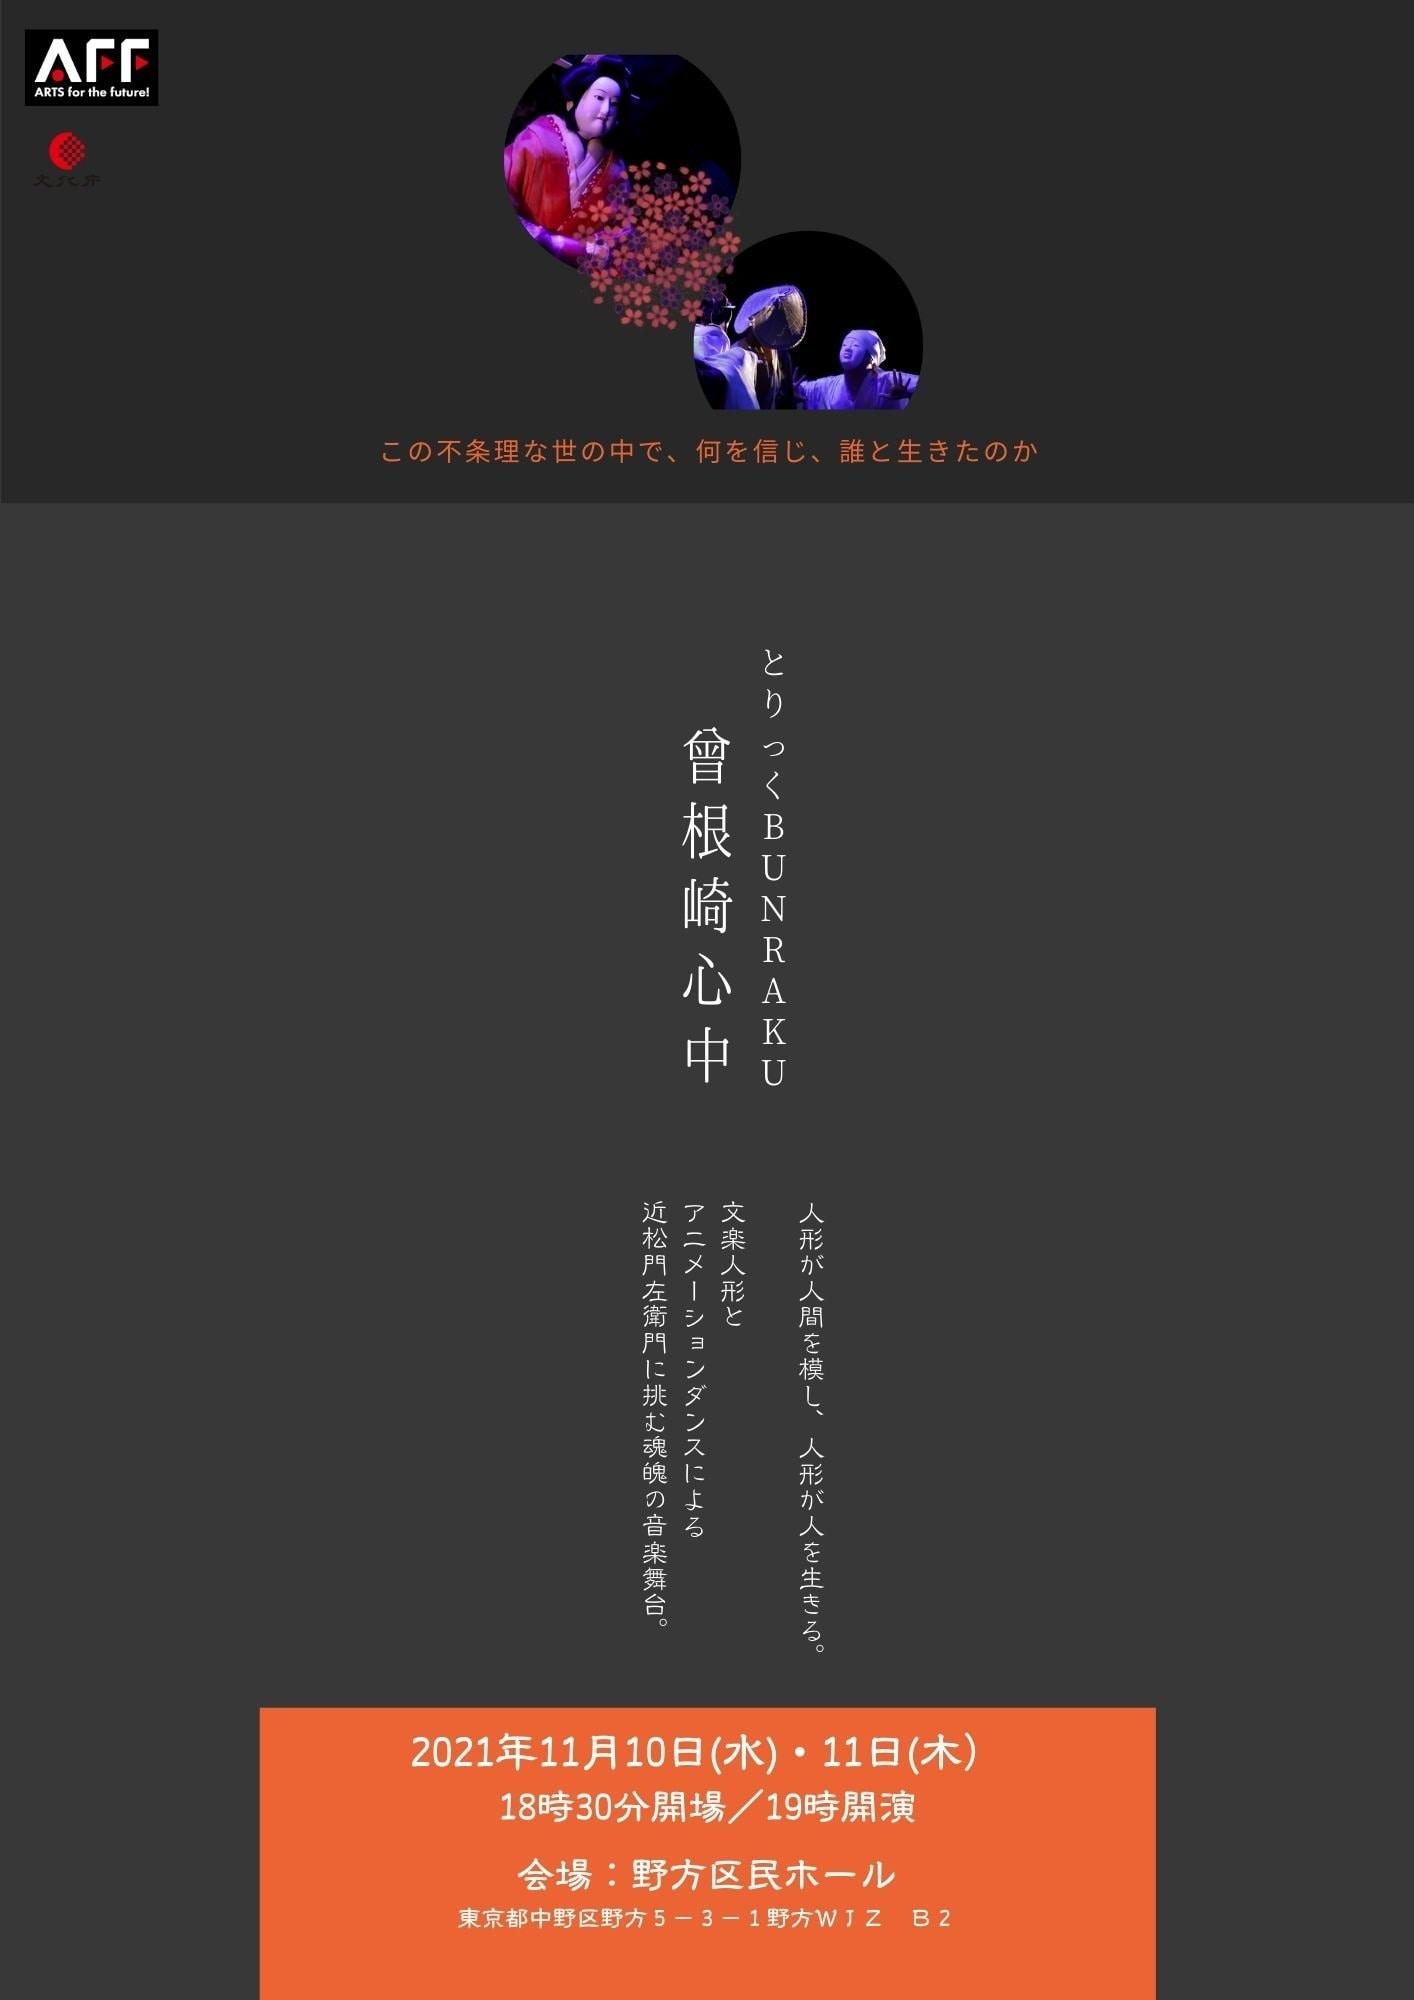 とりっくBunraku 「曾根崎心中」11月10・11日19時開演〜野方区民ホール(小学生以下:前売り/他チケットあり ) のイメージその2